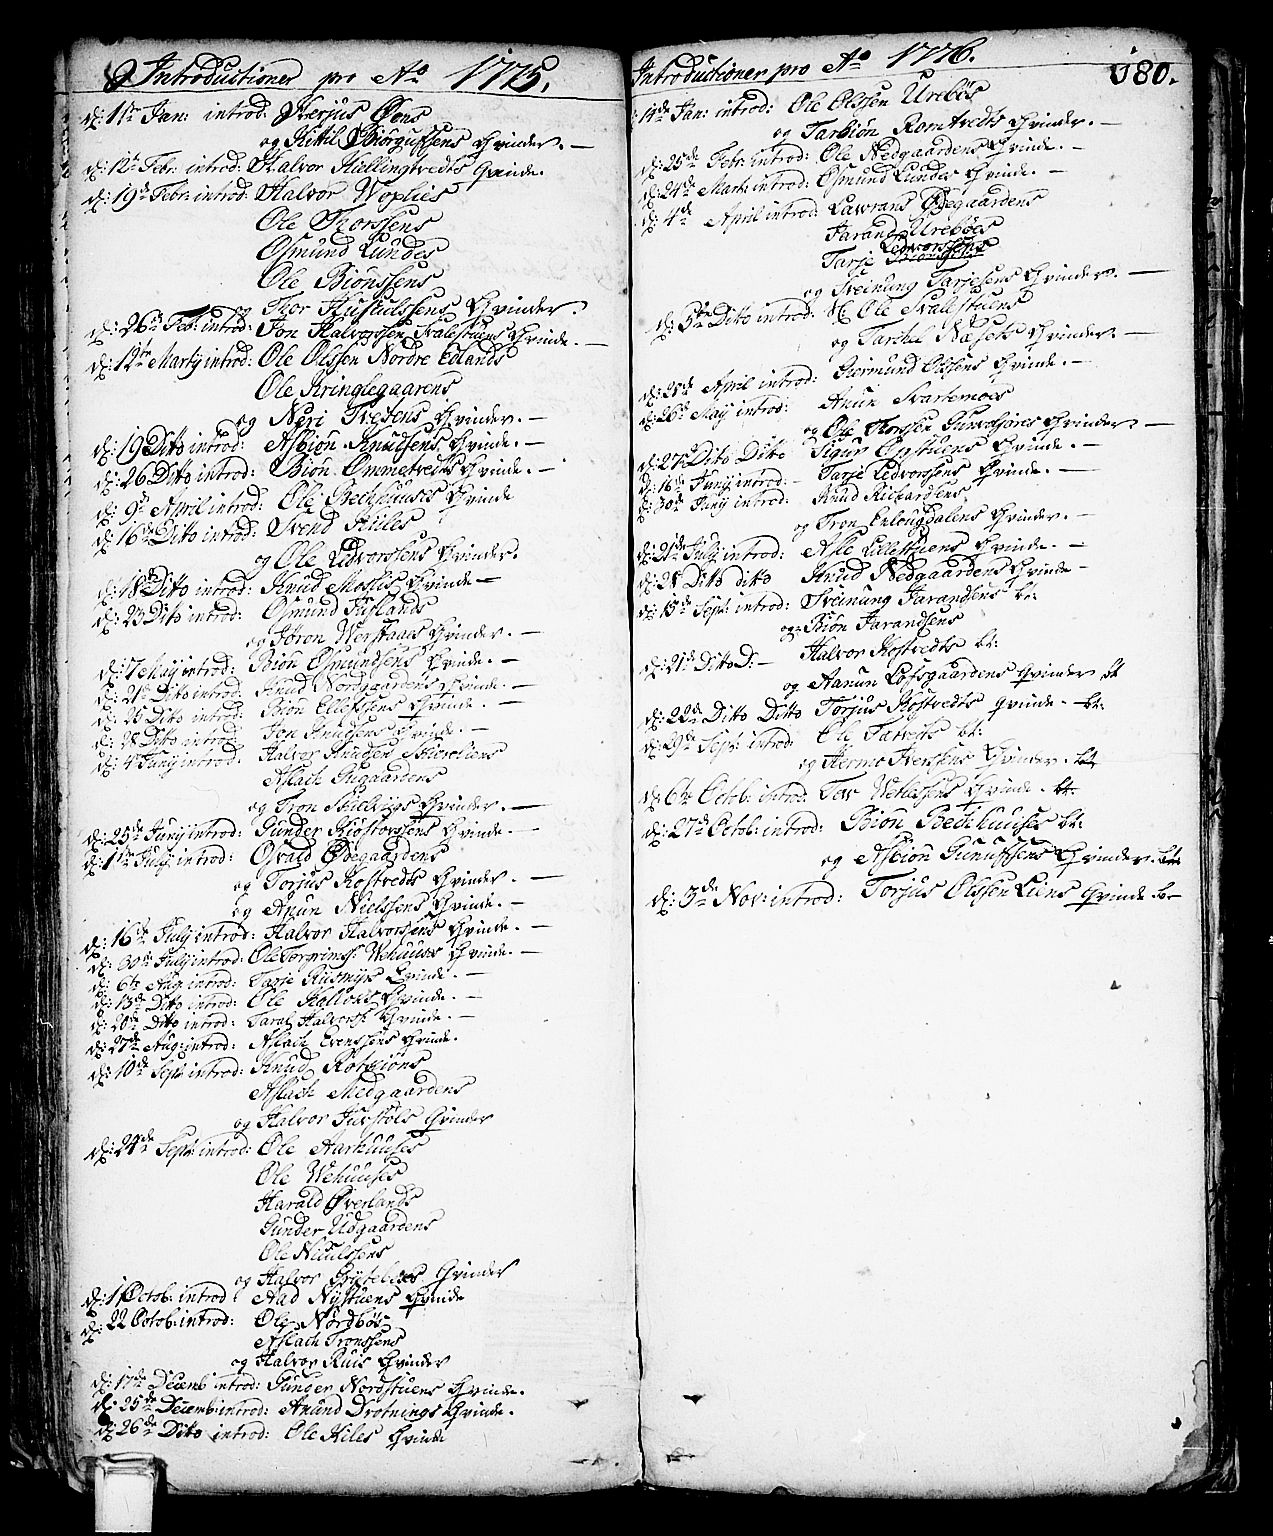 SAKO, Vinje kirkebøker, F/Fa/L0001: Ministerialbok nr. I 1, 1717-1766, s. 180